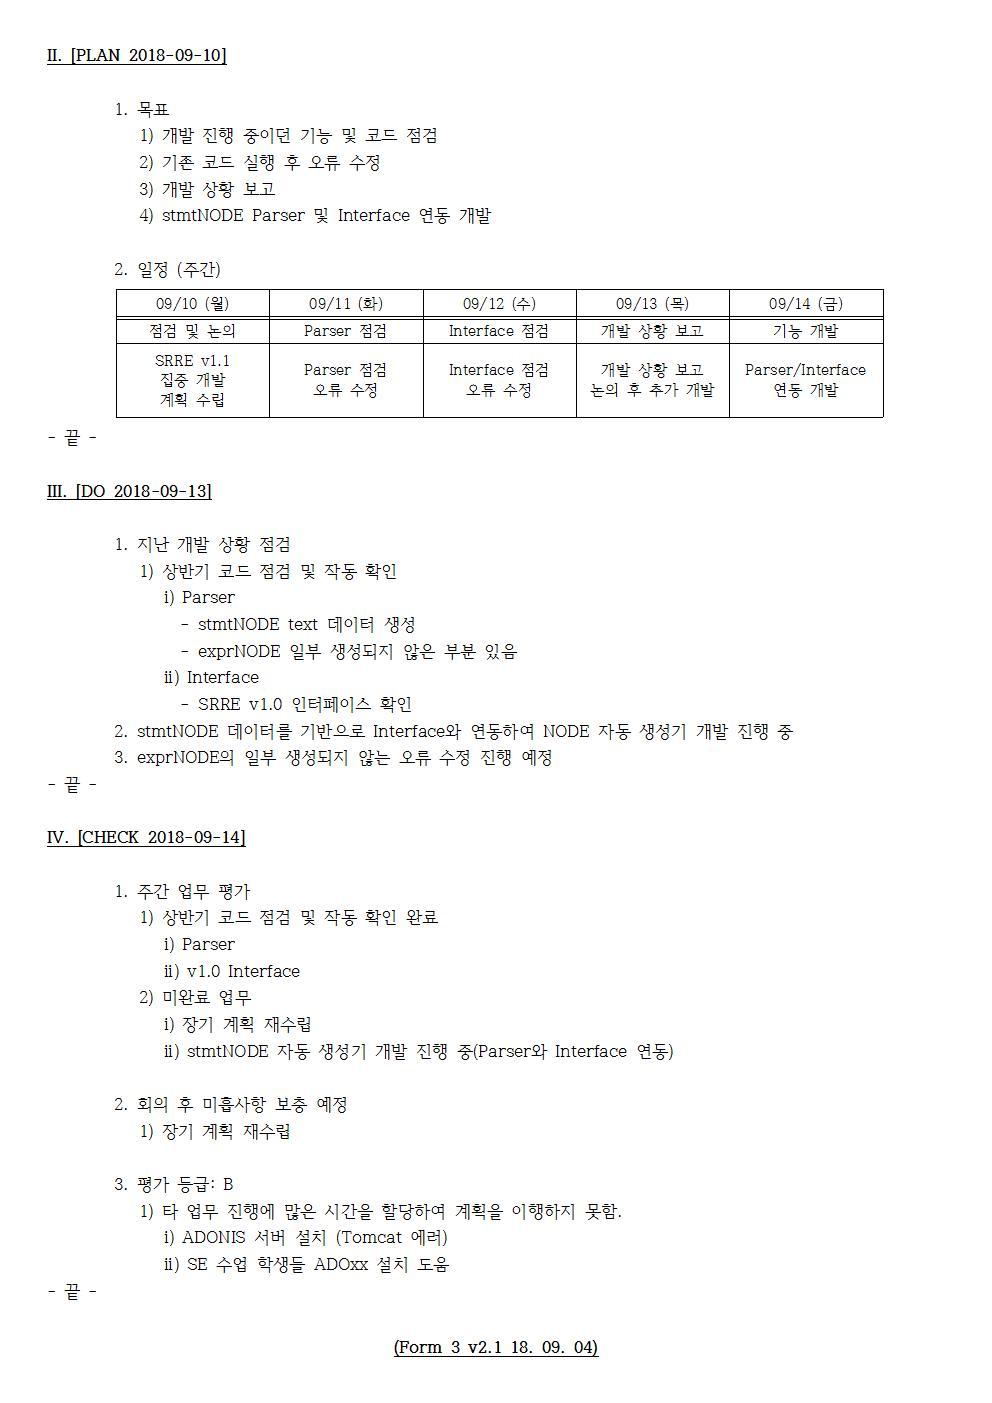 D-[18-003-RD-03]-[SRRE]-[2018-09-14][JS]002.jpg